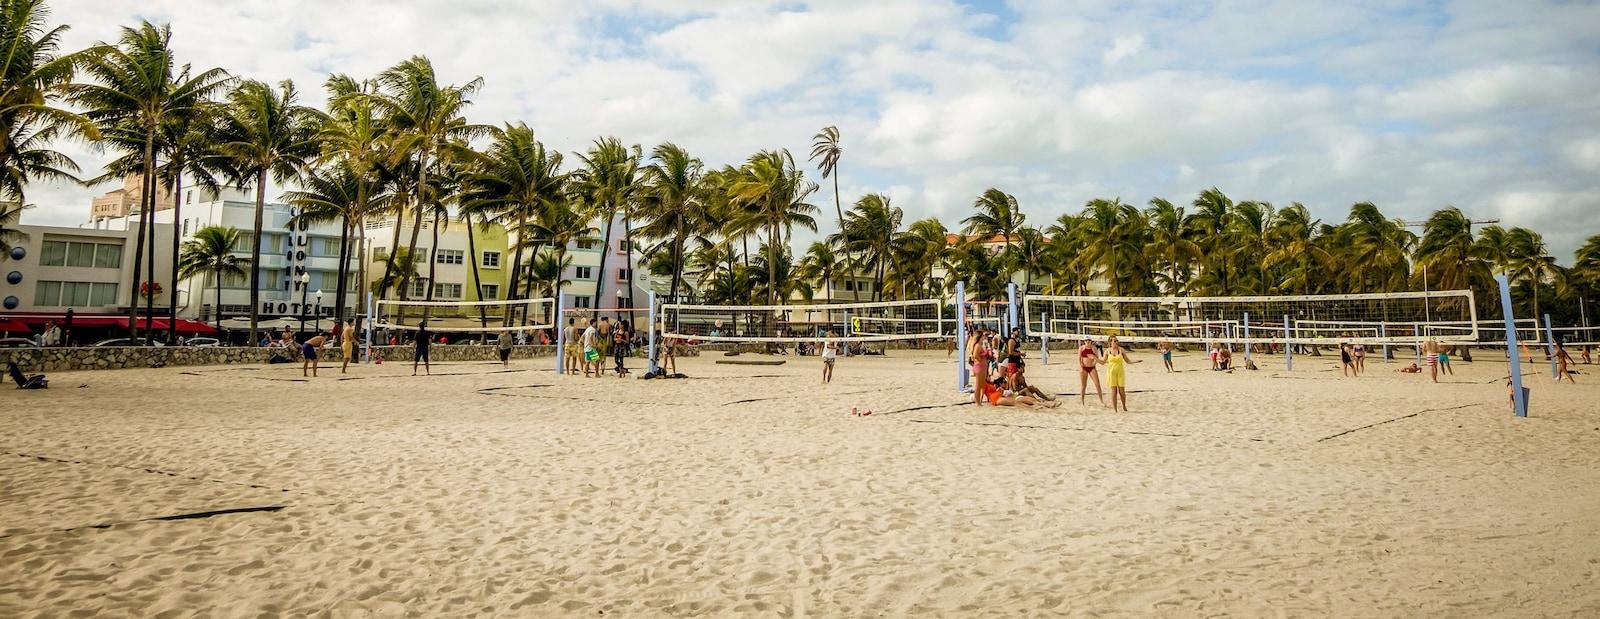 阳光岛海滩的度假屋